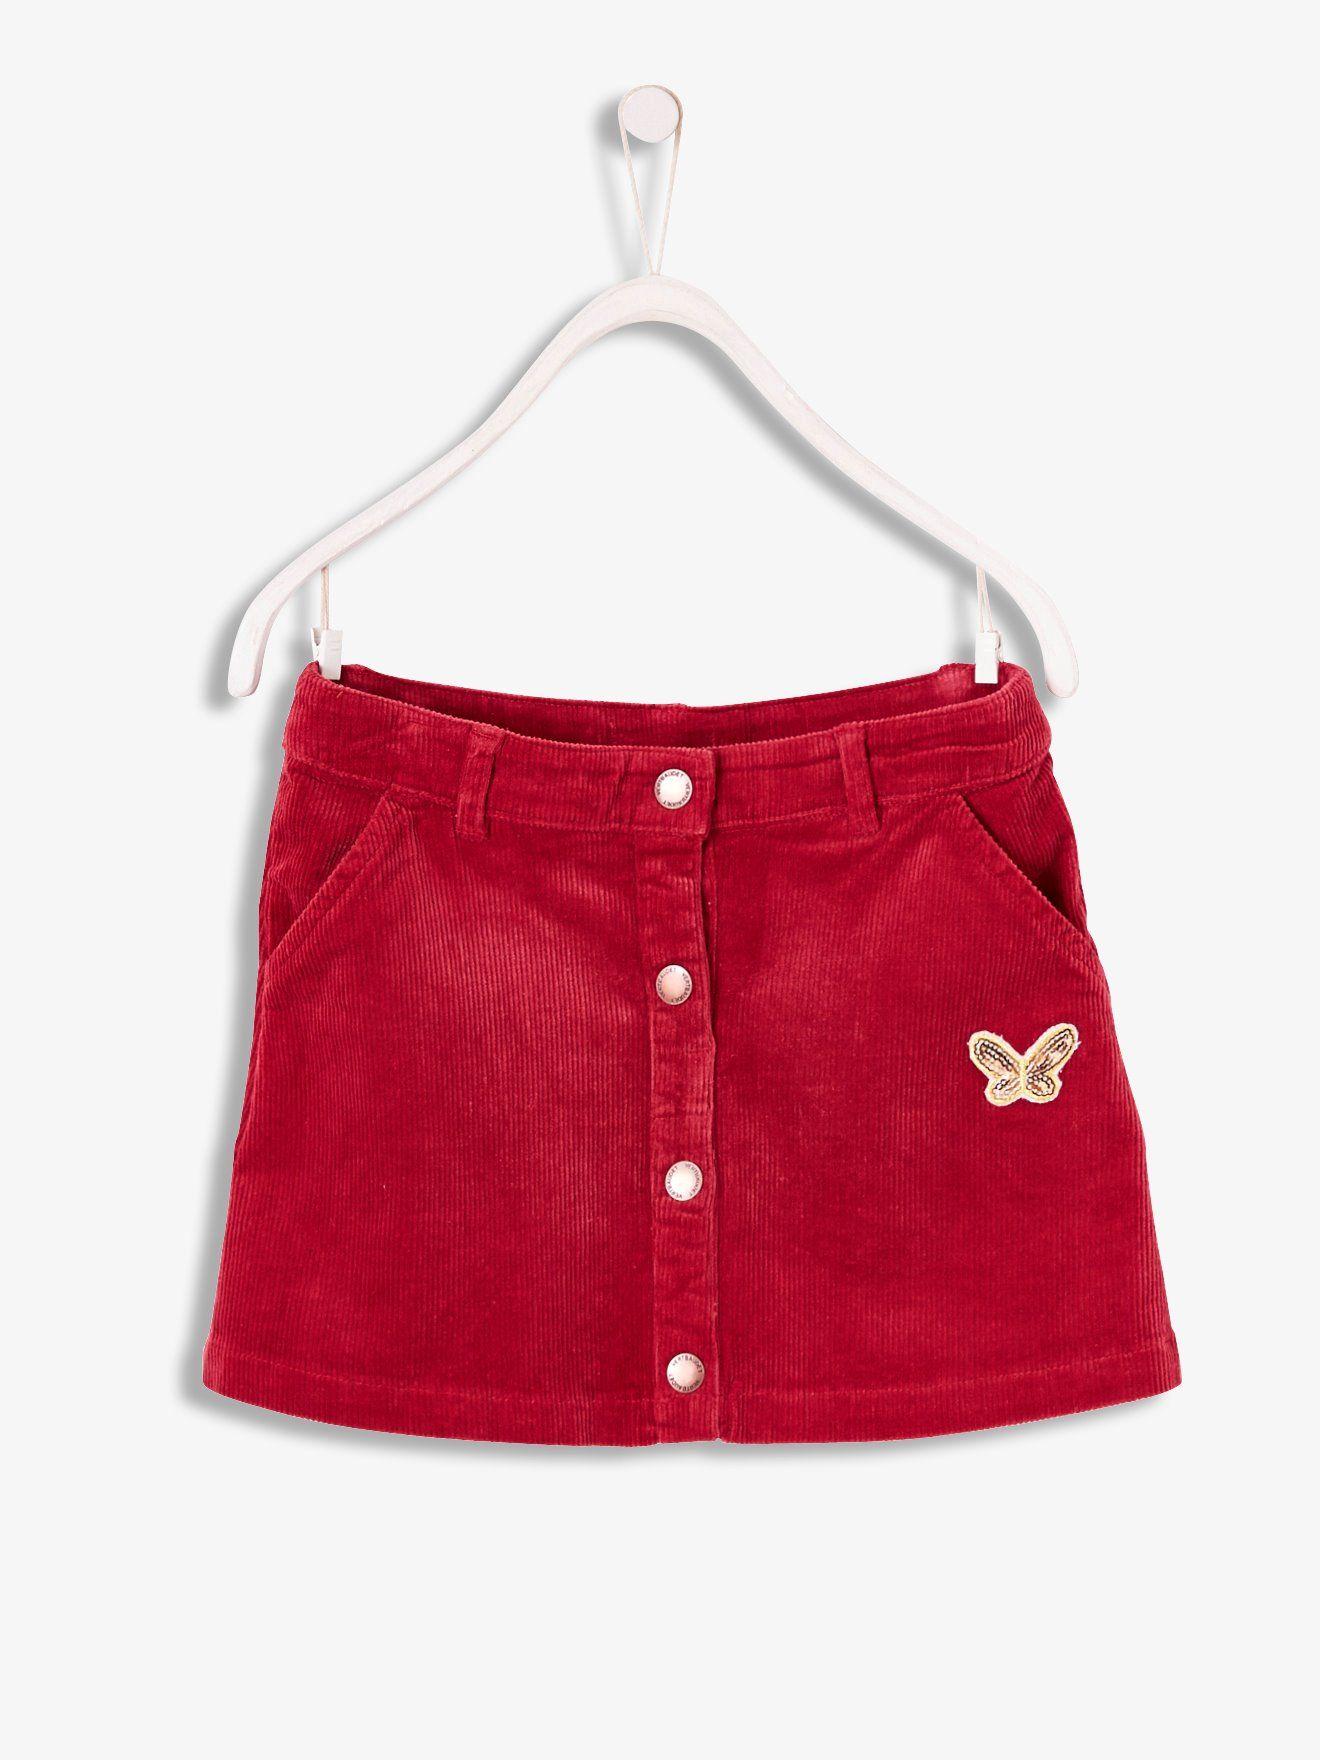 be4af9bafdde4 Jupe fille en velours framboise - Des petits boutons et un joli papillon  illuminent cette jupe